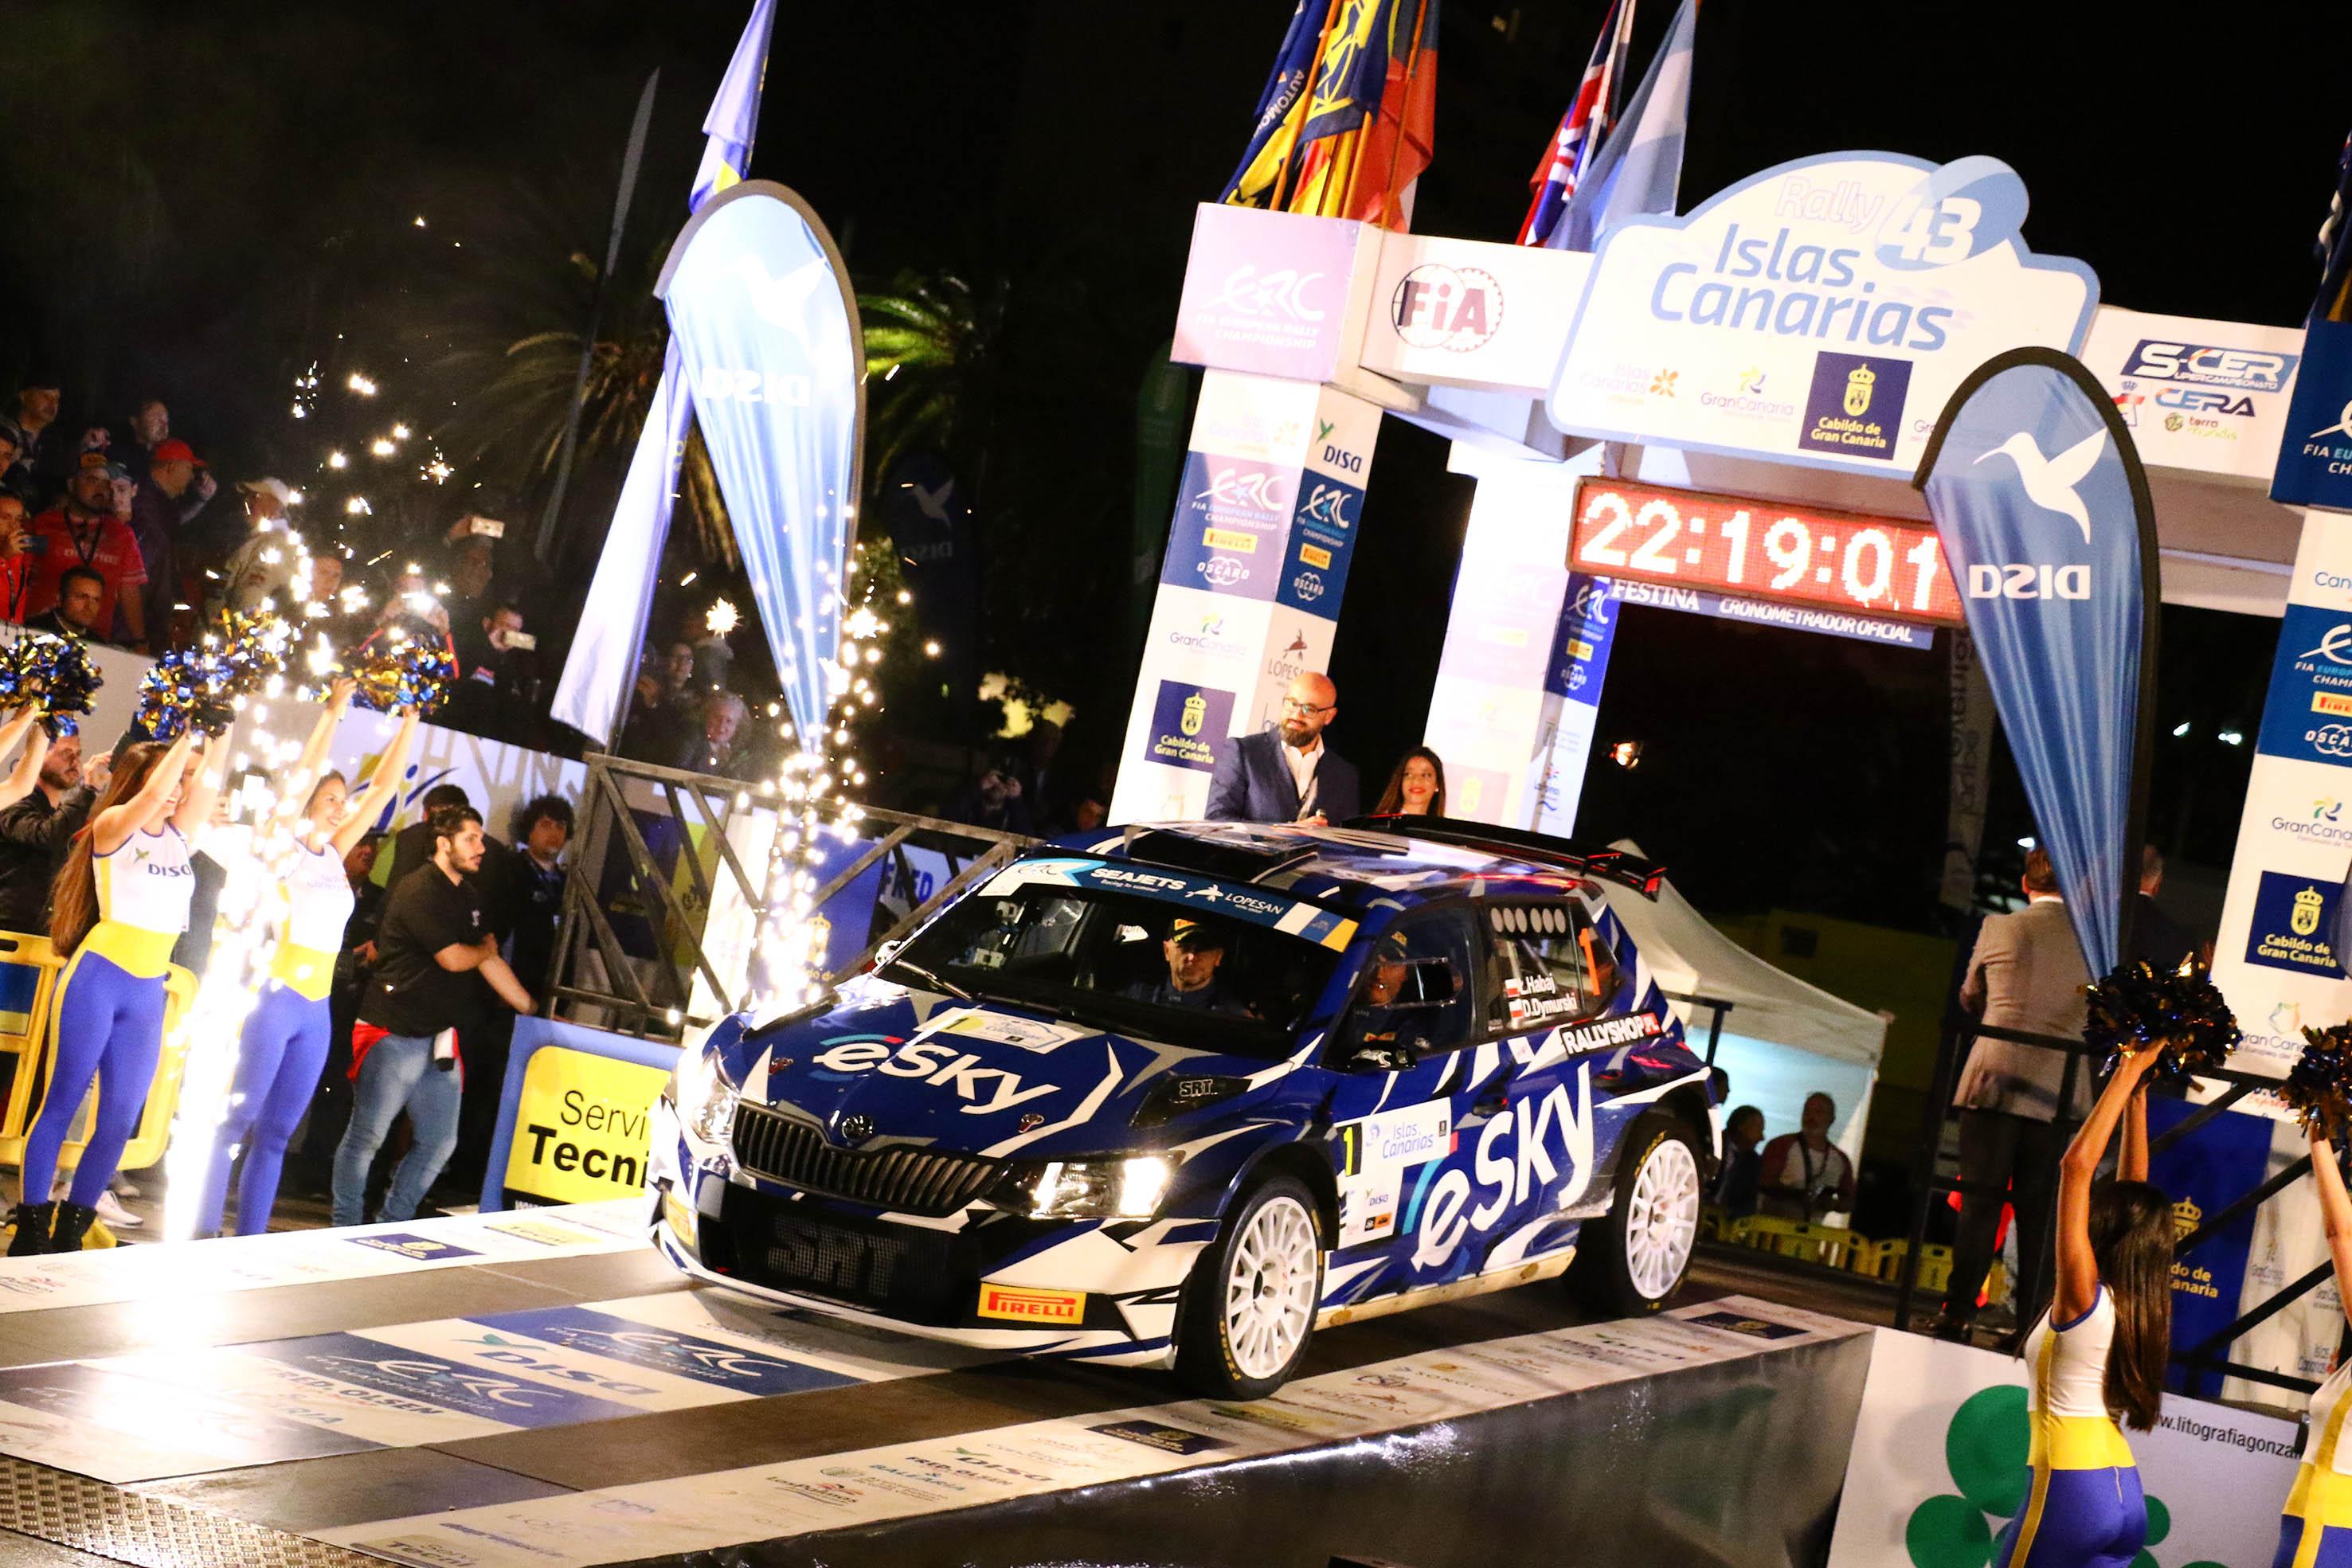 📢 Lanzada la edición número 🏁43º del Rally Islas Canarias desde el Parque Santa Catalina